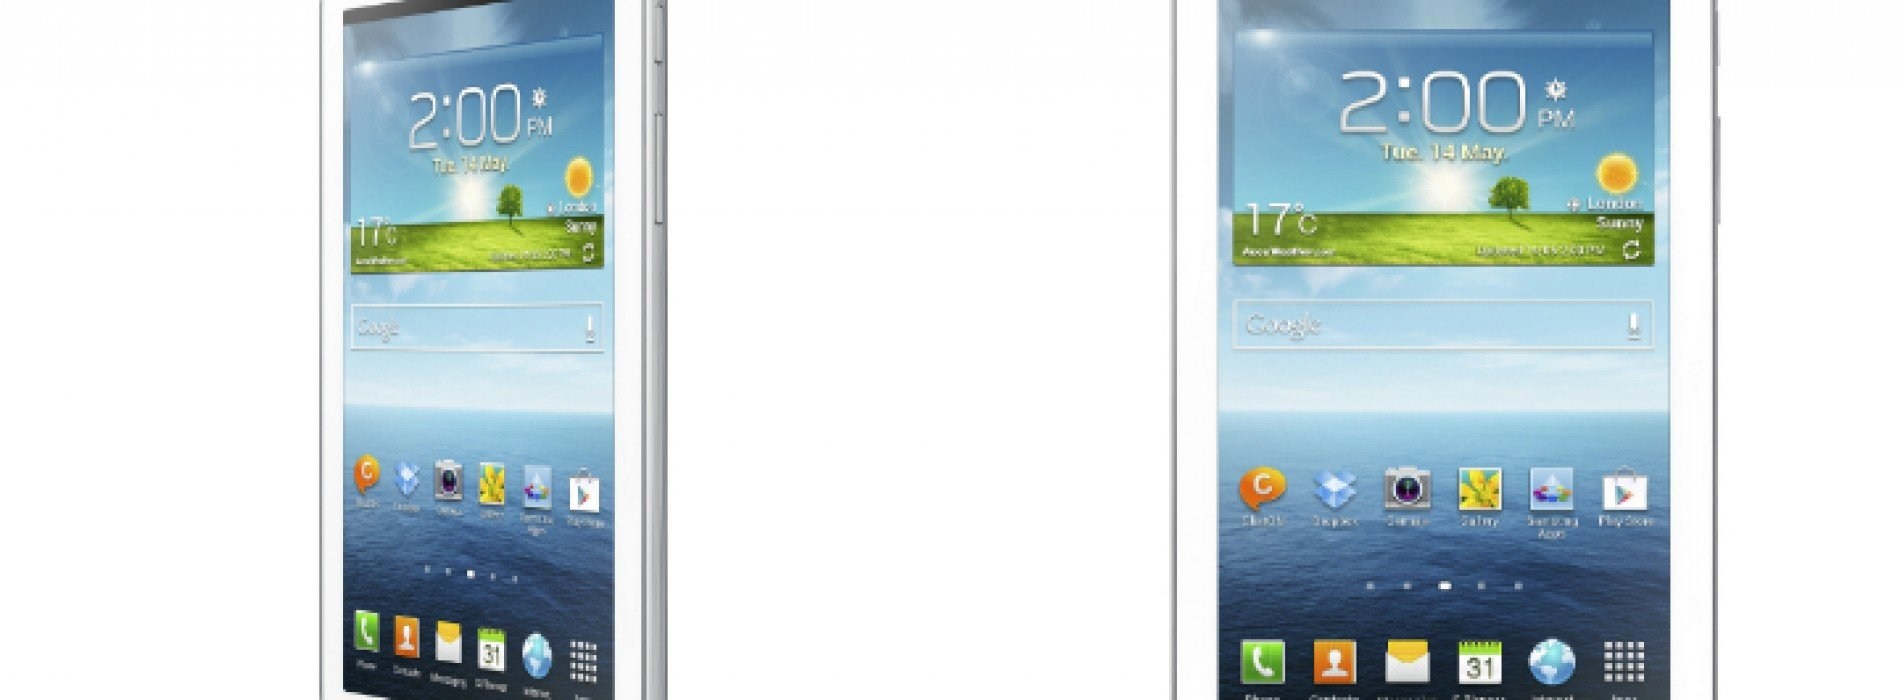 Samsung intros 7-inch Galaxy Tab 3